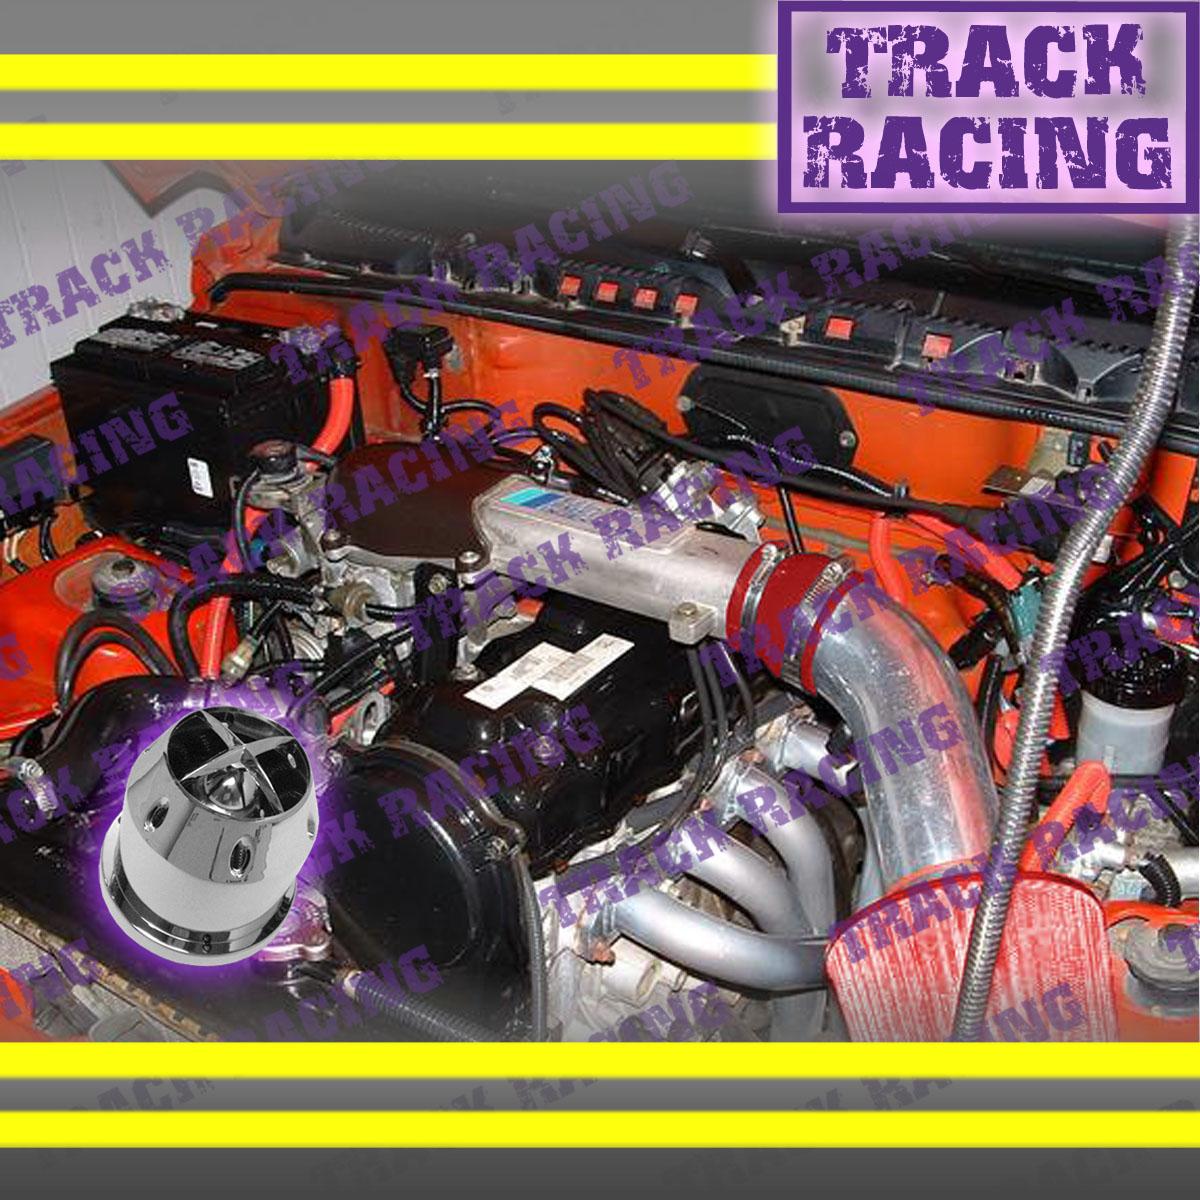 94 toyota truck fuel filter 94 geo tracker fuel filter 89 90 91 92 93 94 geo trackersuzuki sidekick 1.6l i4 air ... #8